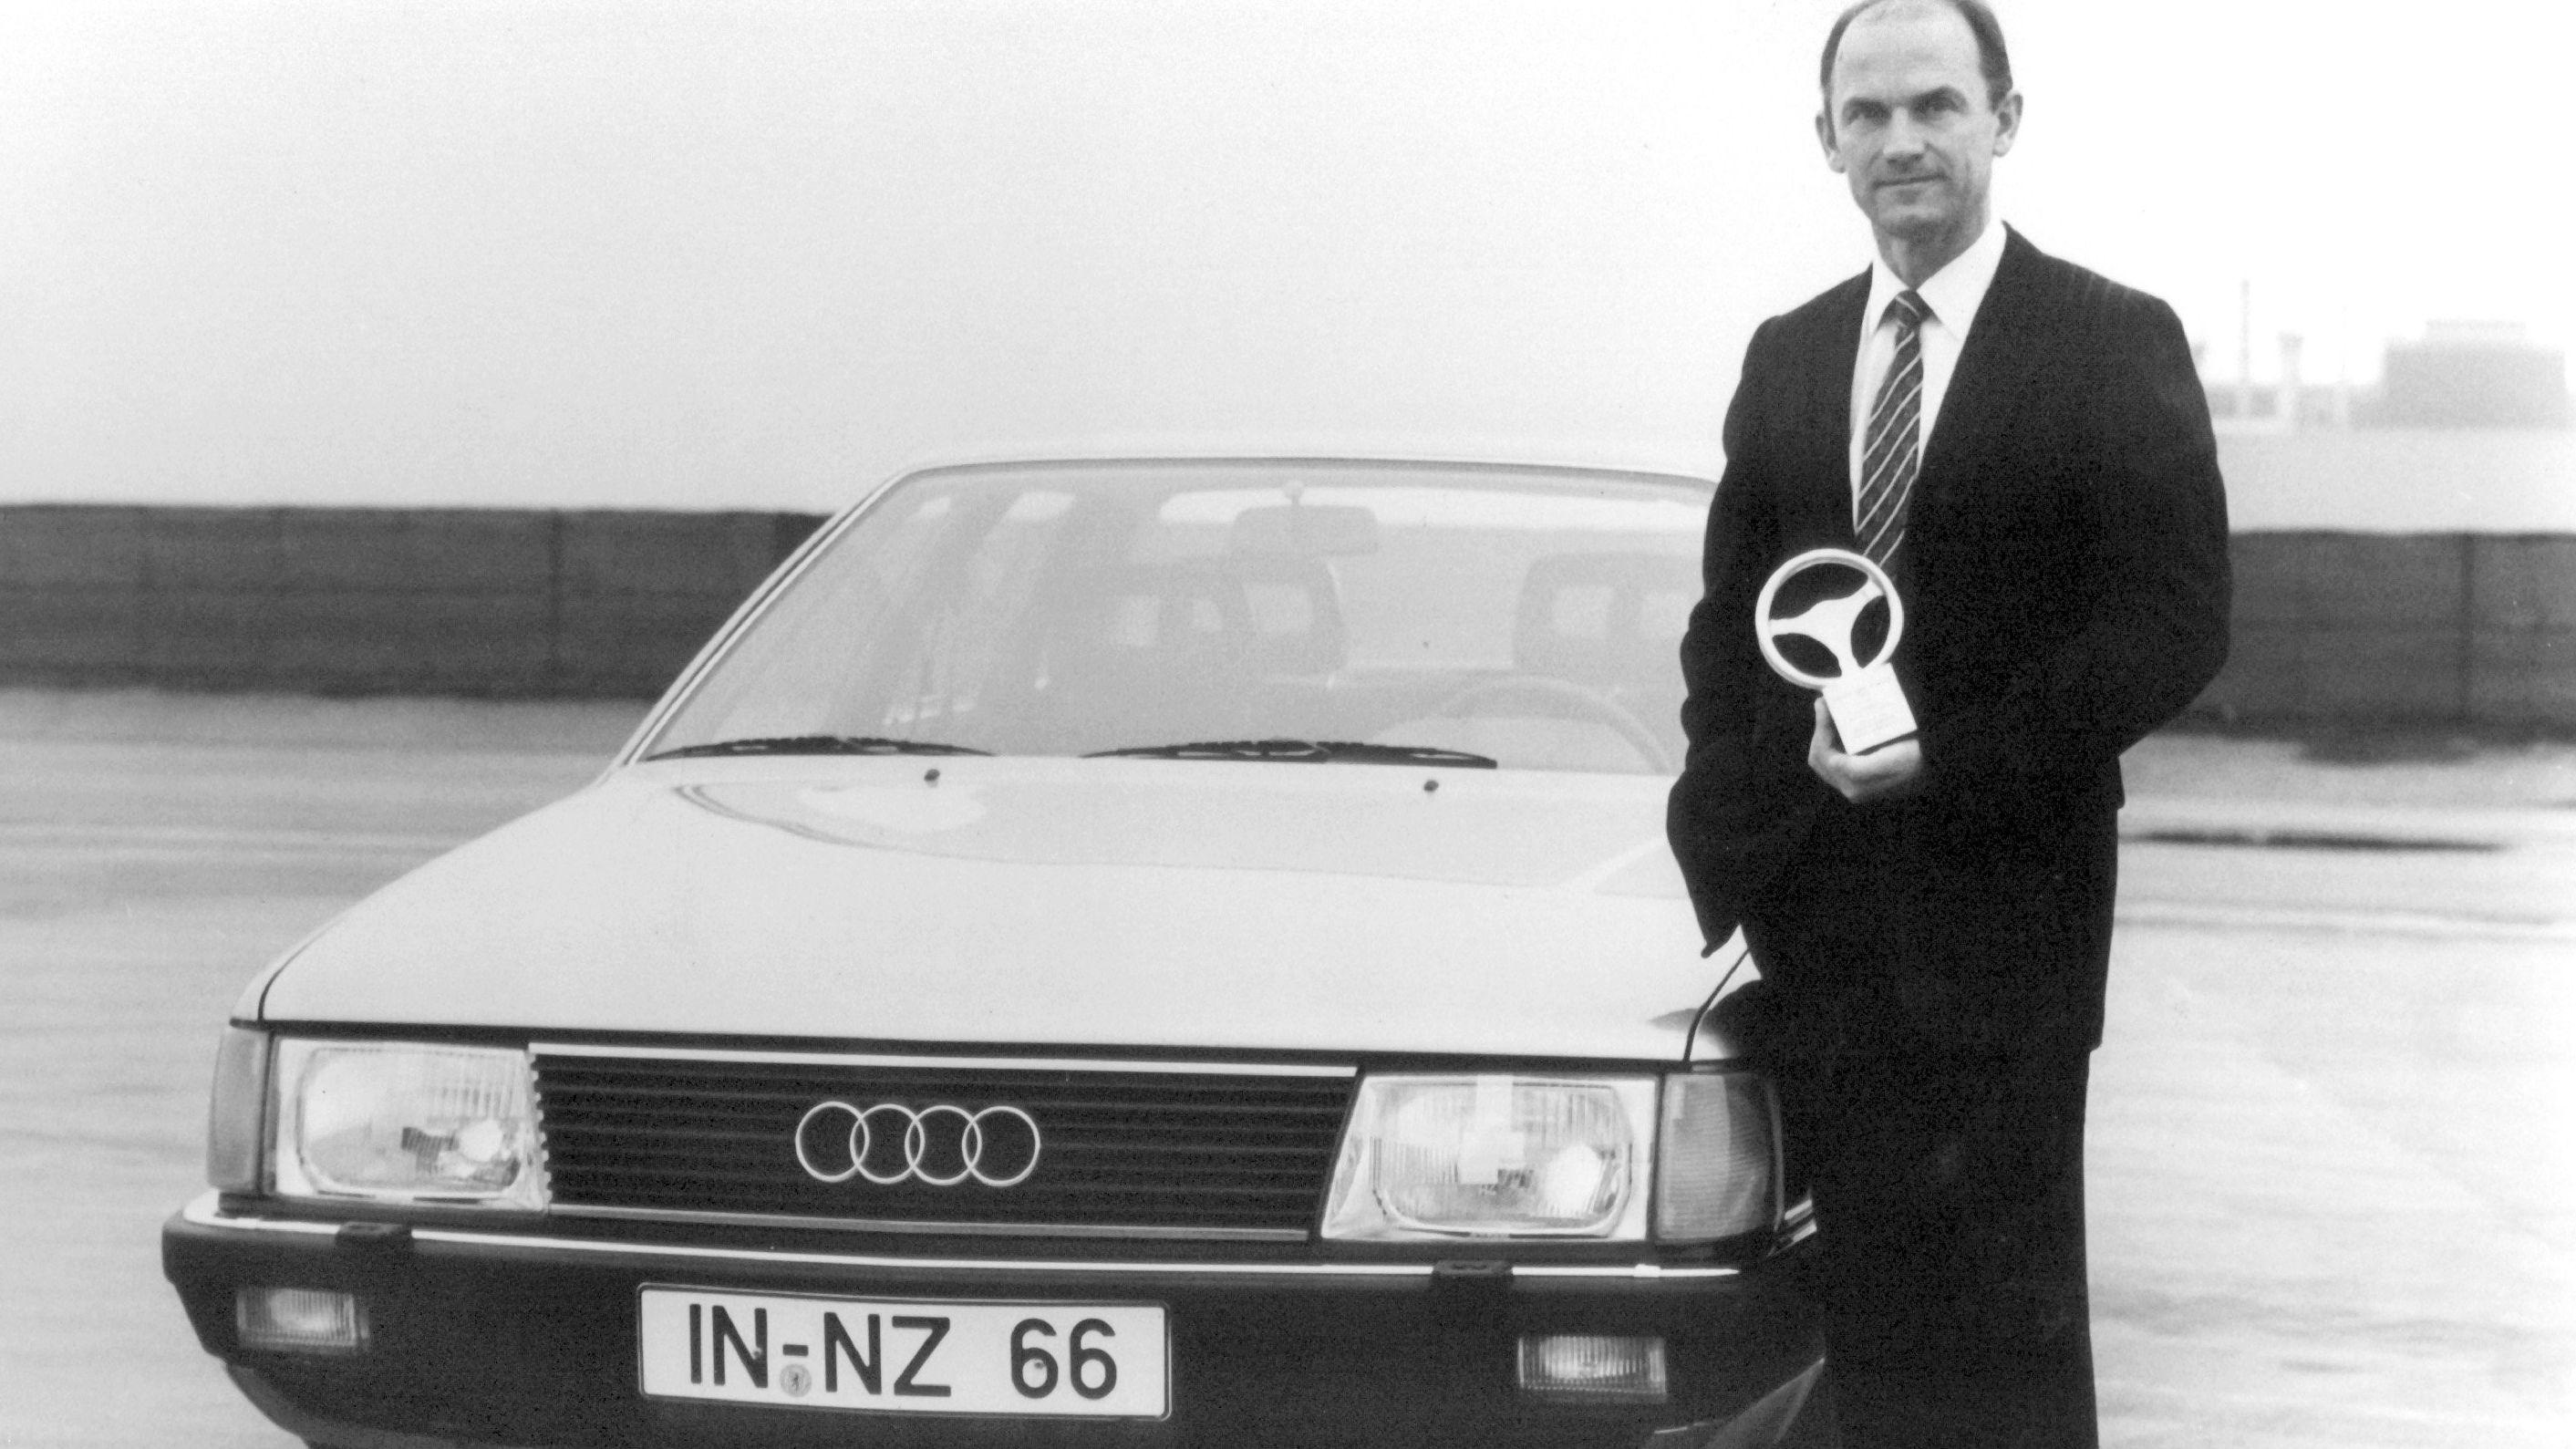 Audi-Vorstandsmitglied Ferdinand Piëch im Jahr 1982 neben einem Audi.